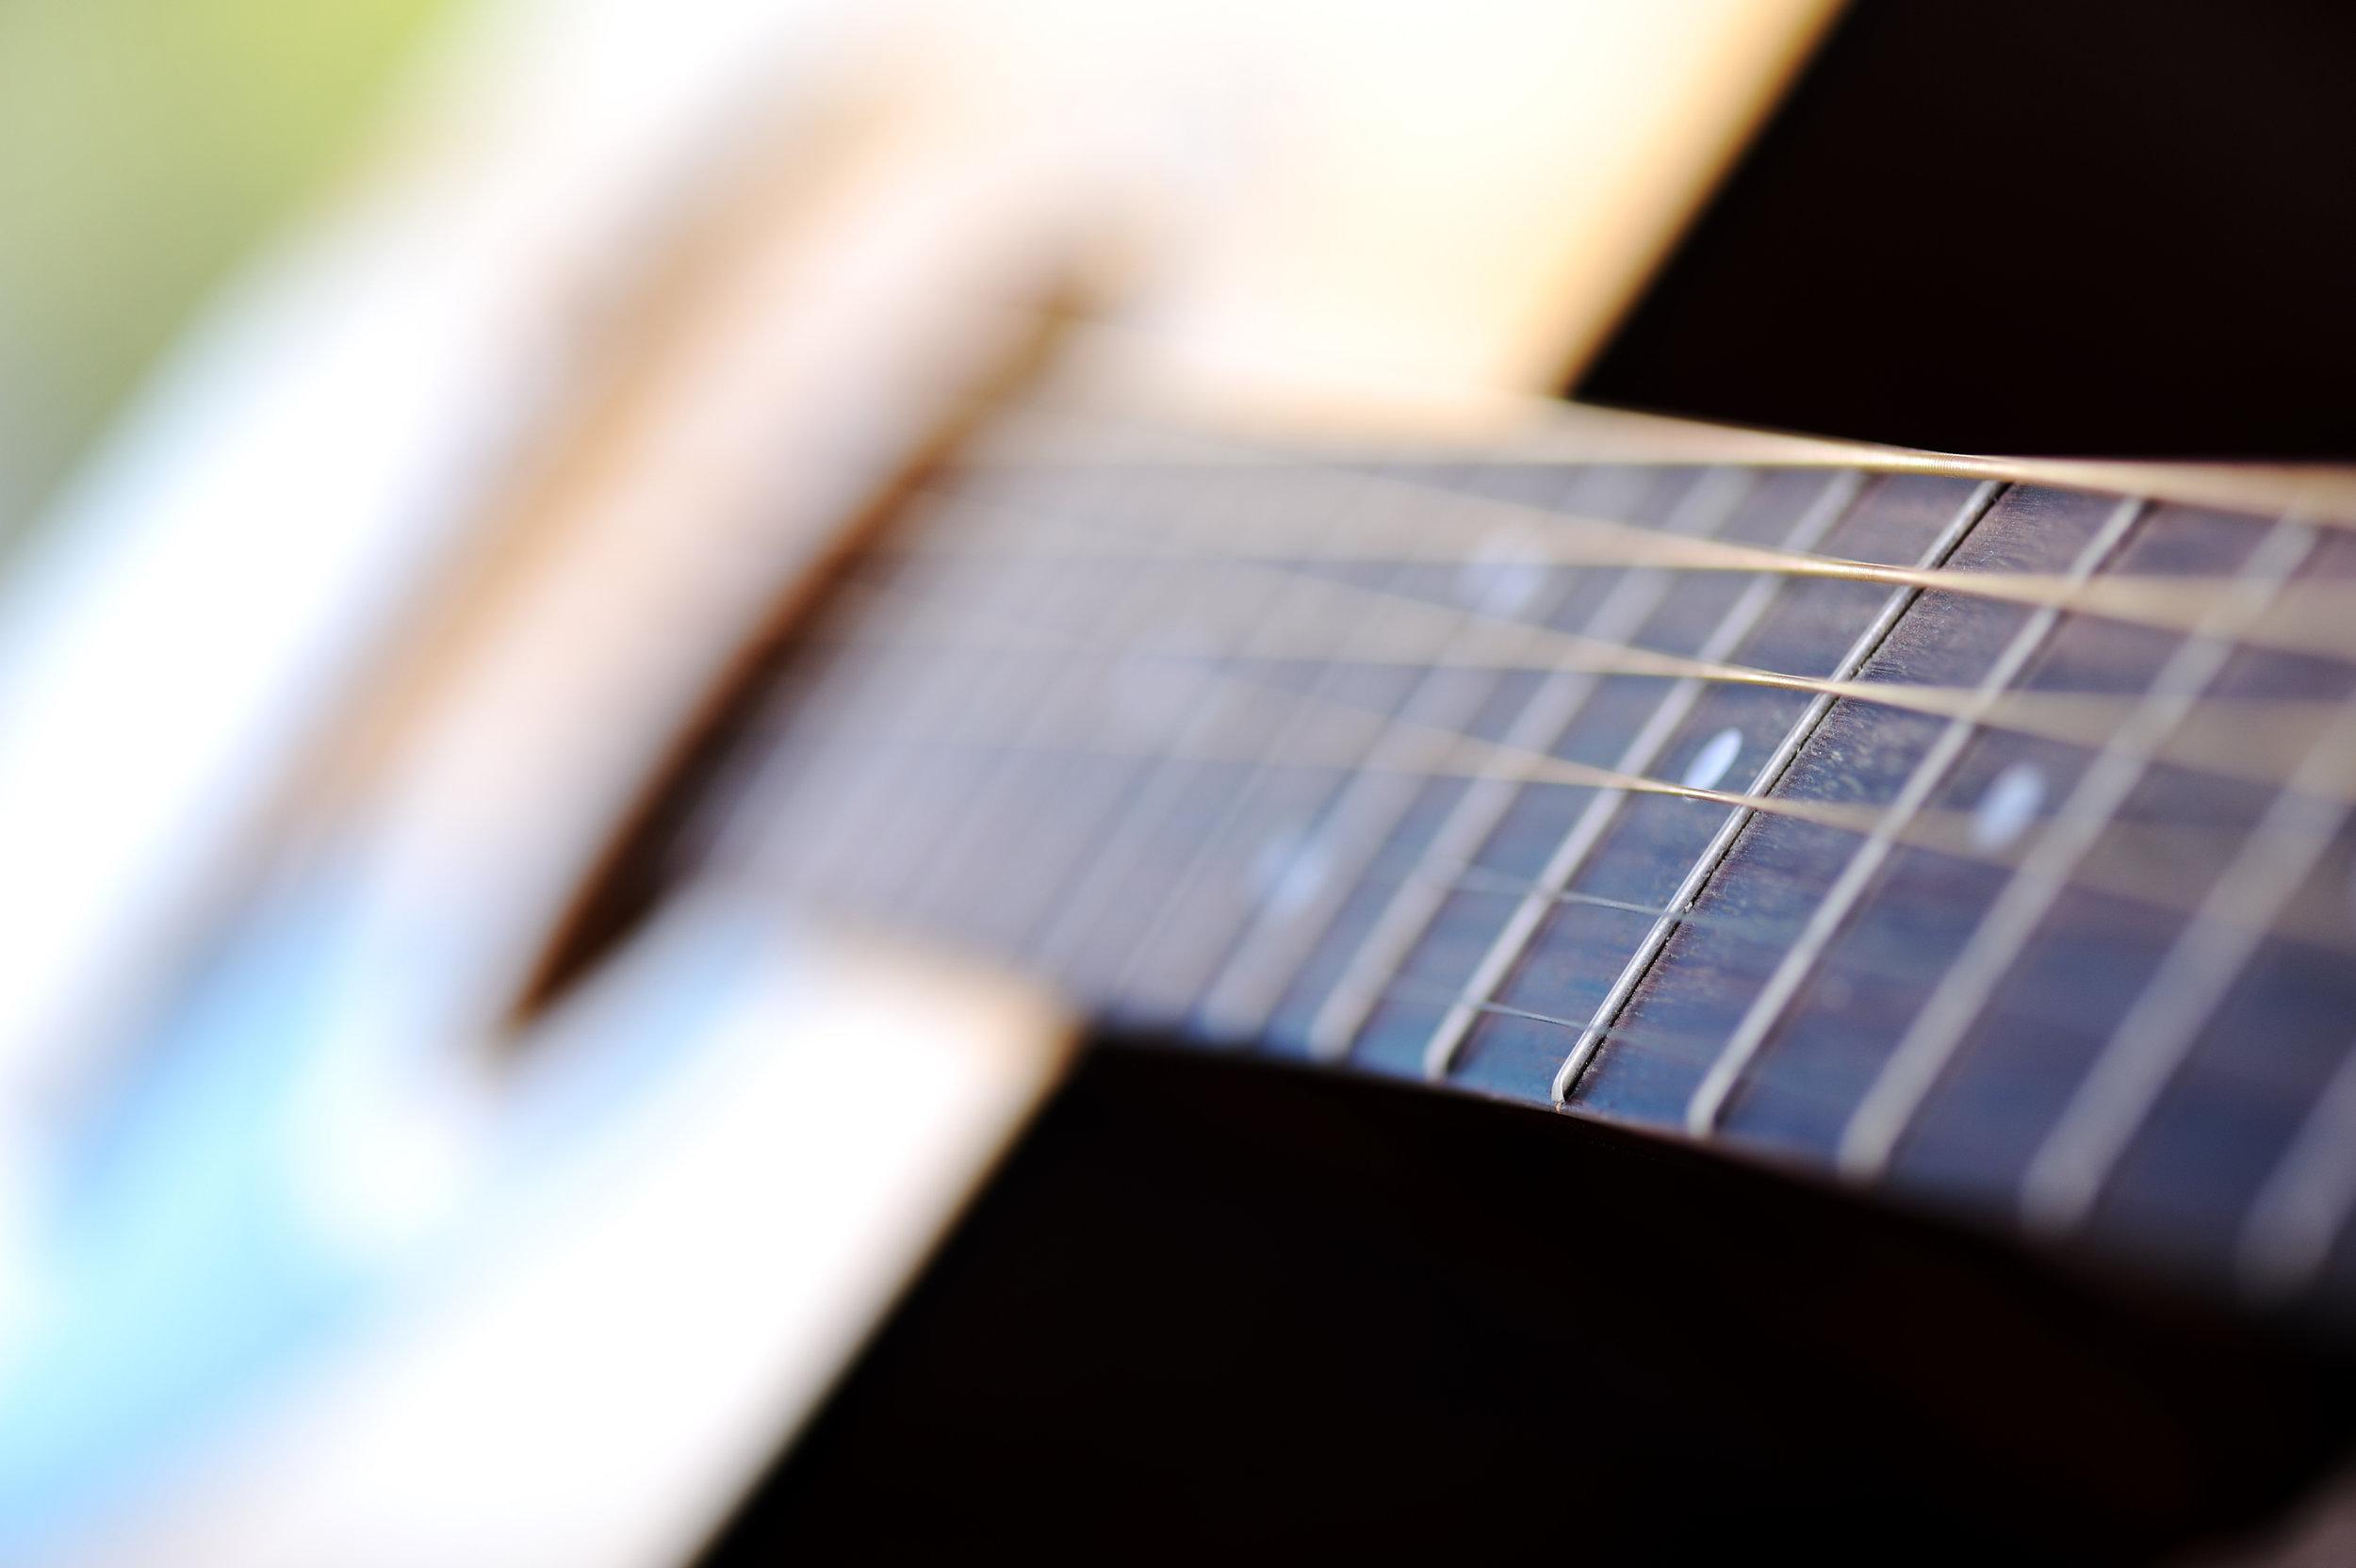 guitar-kate-campbell-singer-songwriter.jpg